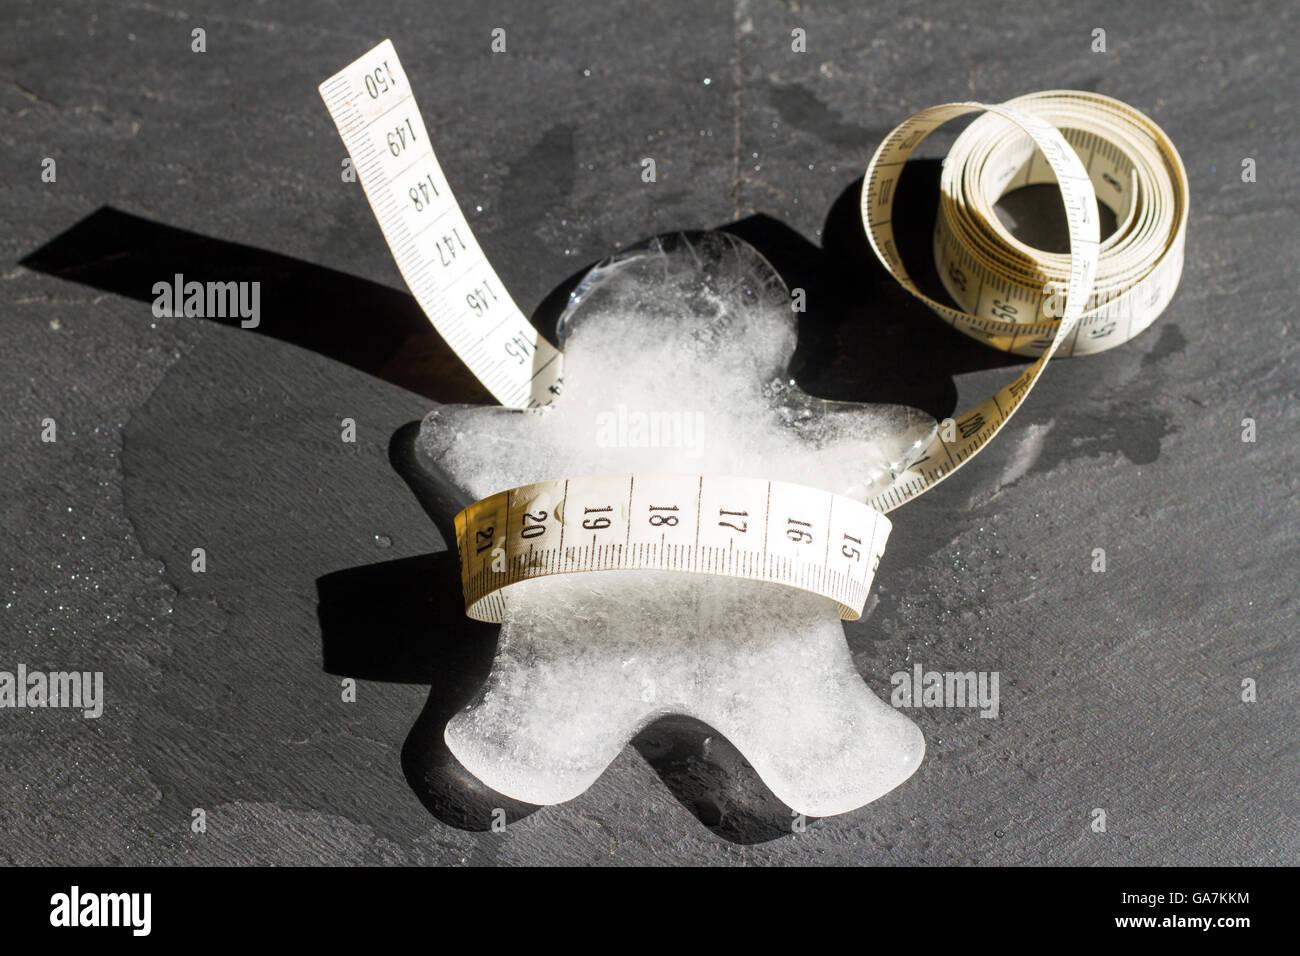 Verlor Gewicht und schlanke abstraktes Konzept mit Eis Körper Schmelzen und messen Stockbild